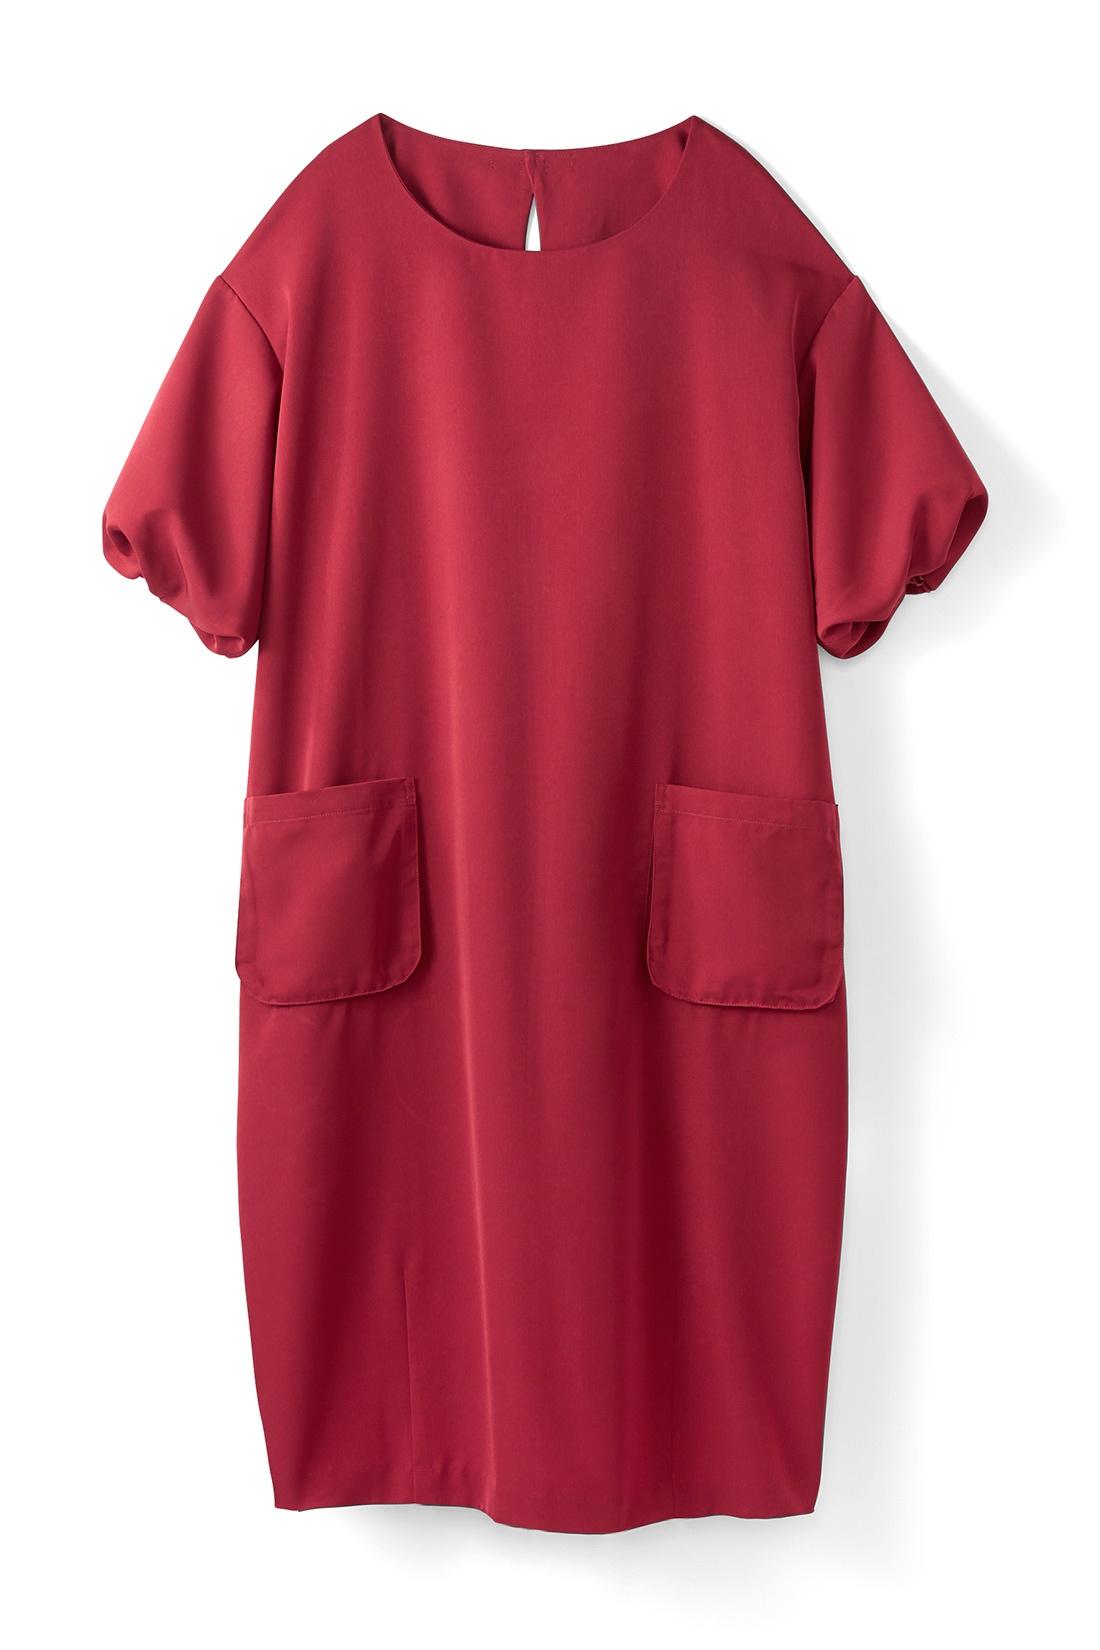 【レッド】 バルーンみたいにふくらんだ袖がいい感じ。コクーンシルエットは、からだのラインを隠してくれるので着やせ効果◎。